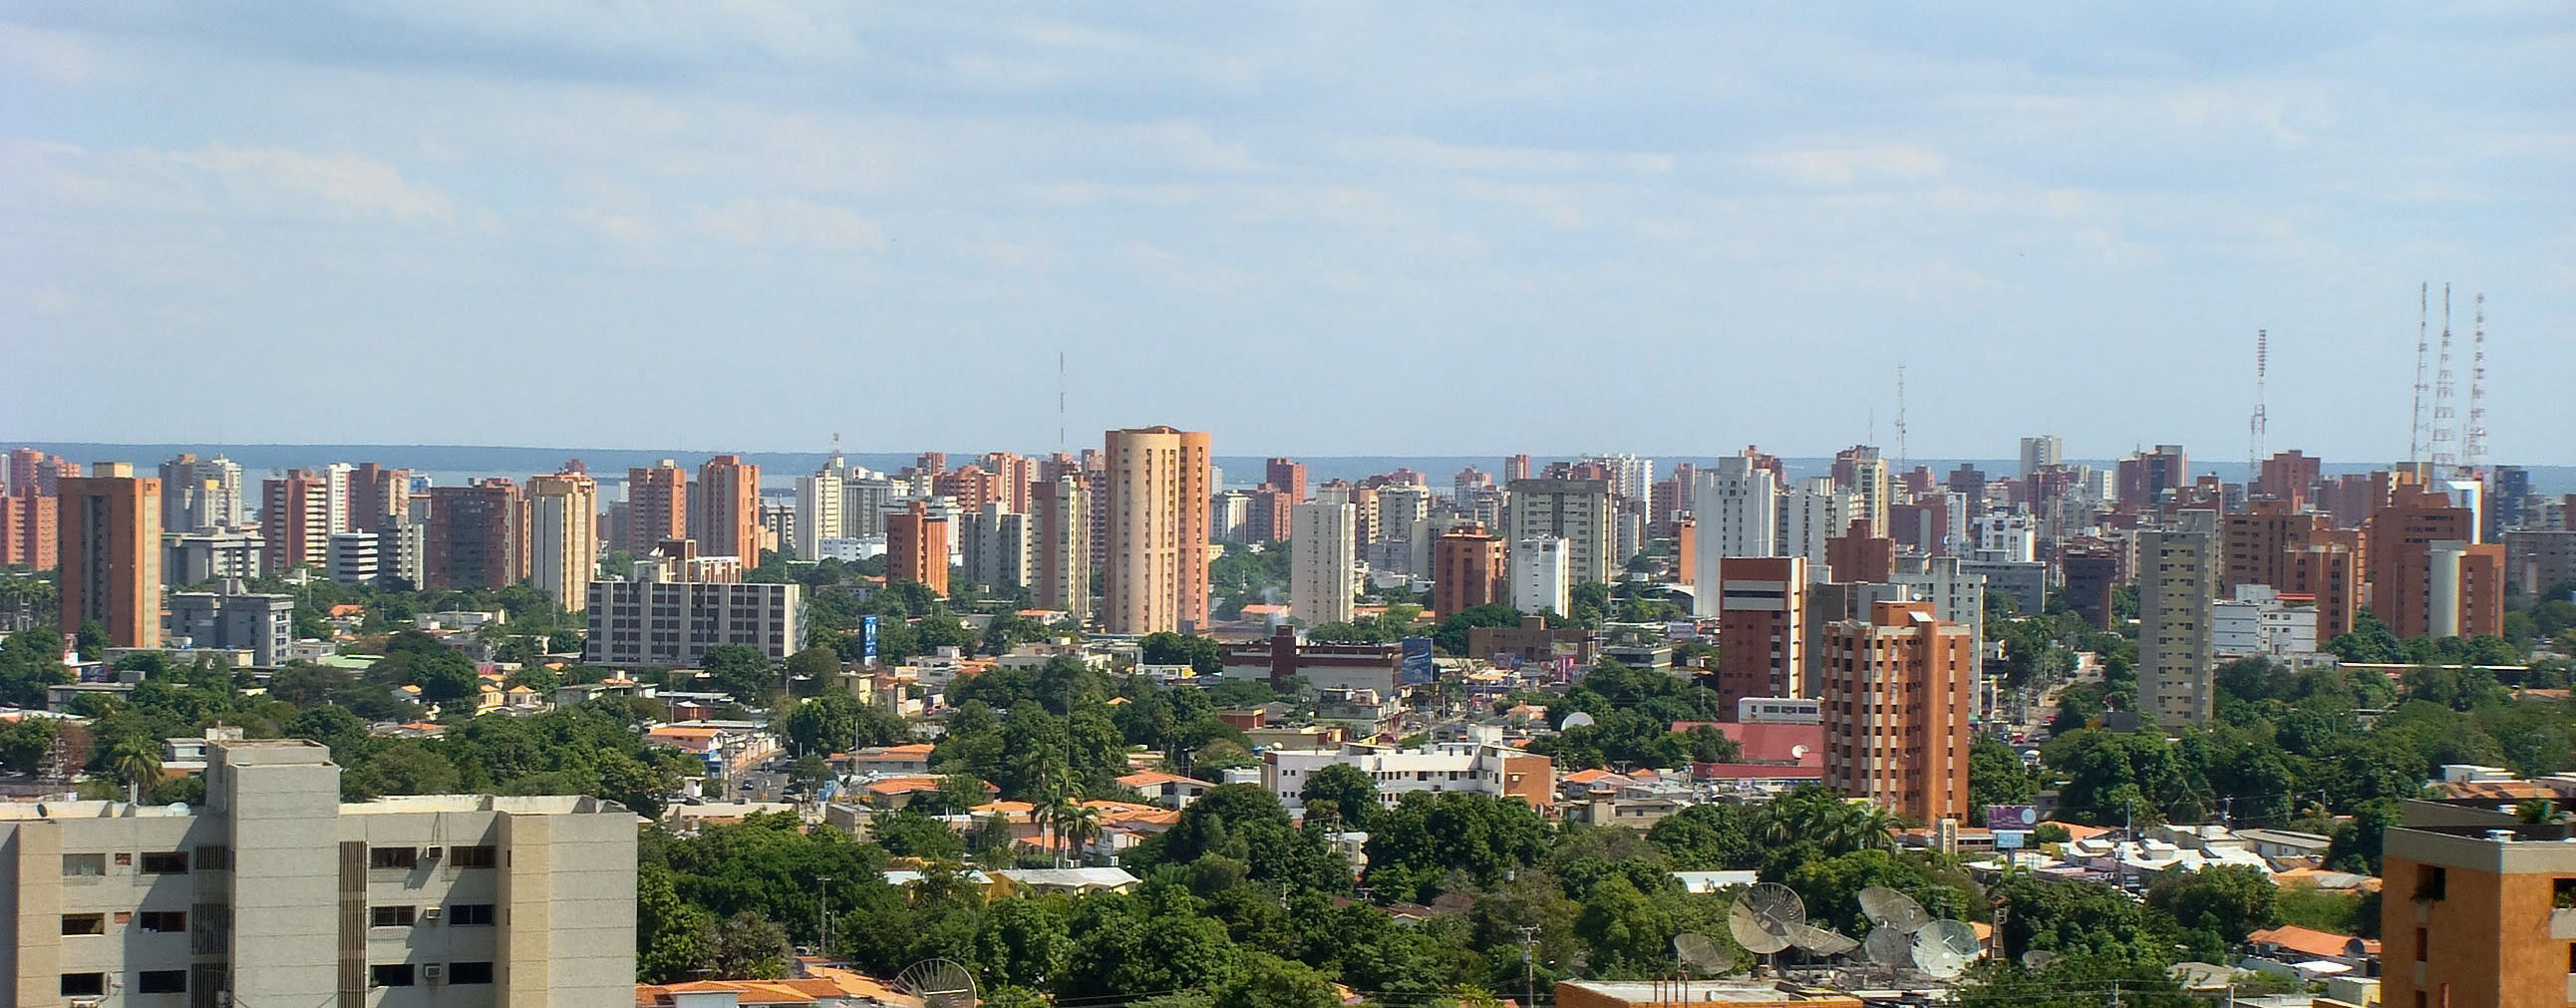 ¿A qué país pertenece Maracaibo?